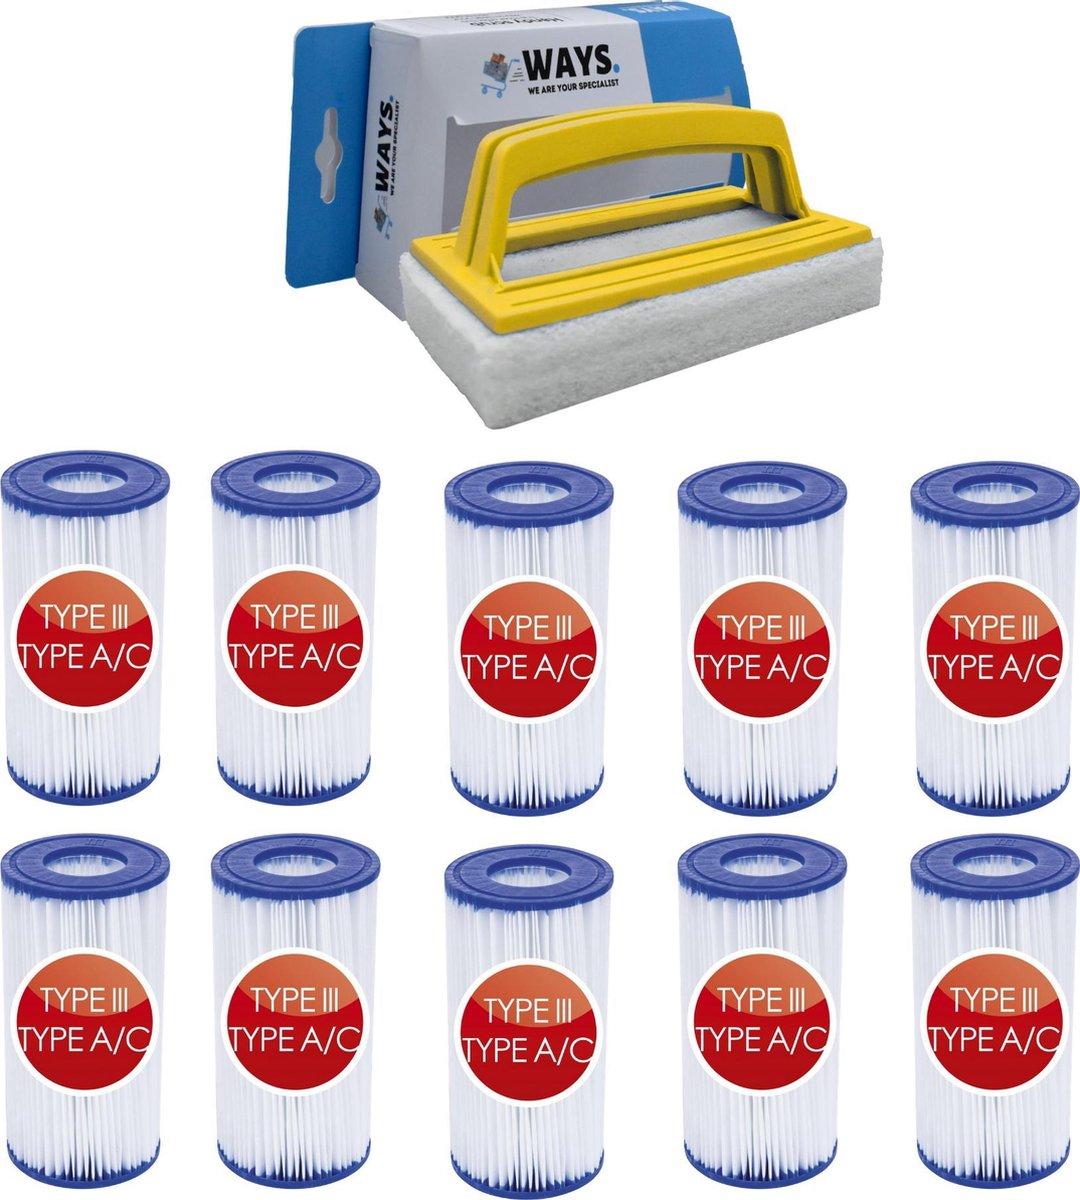 Bestway - Type III filters geschikt voor filterpomp 58389 - 10 stuks & WAYS scrubborstel